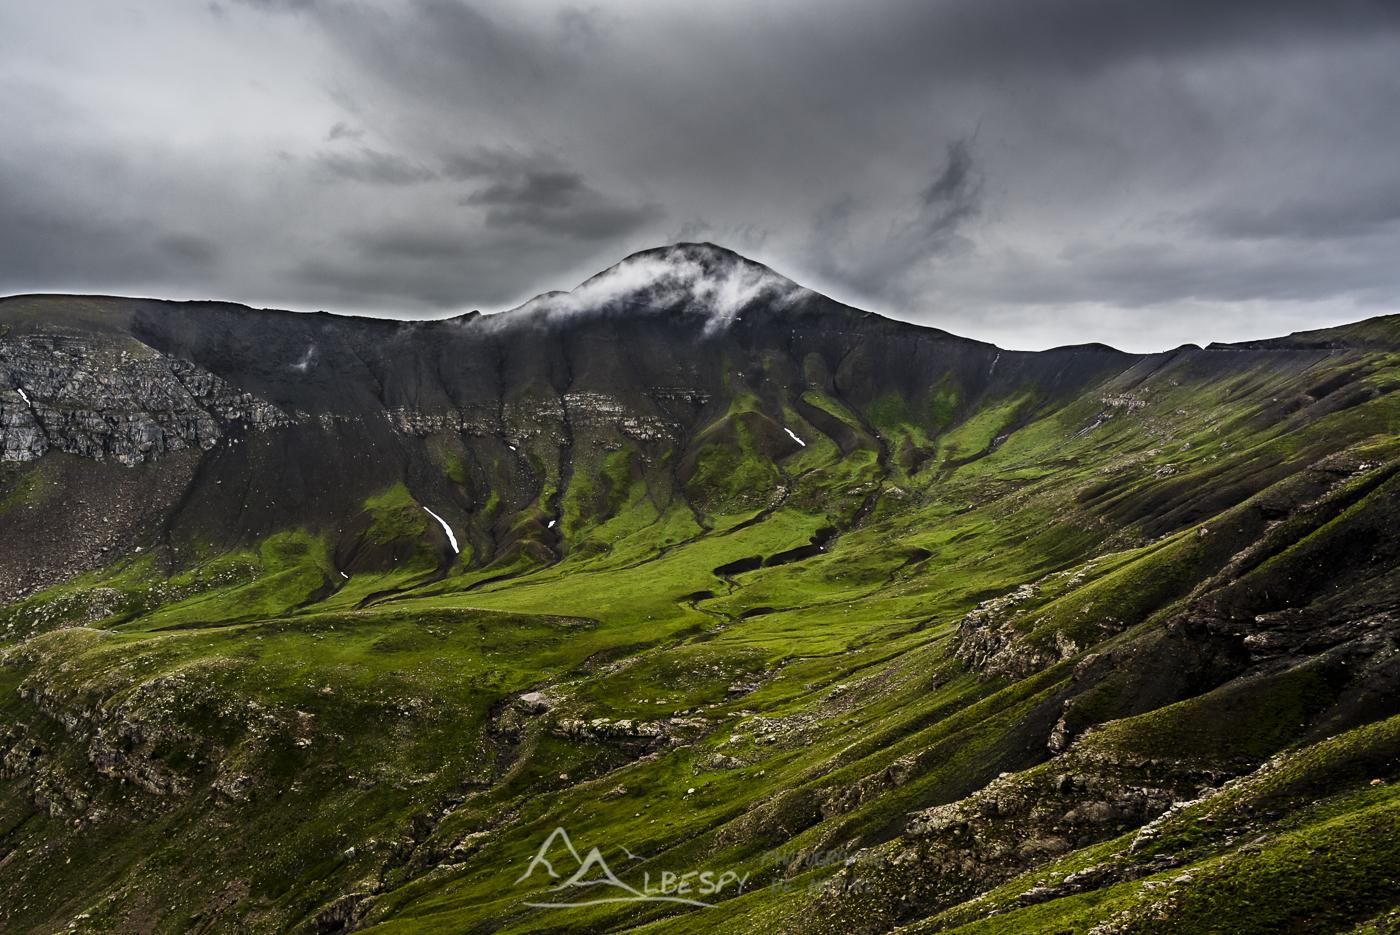 Paysage verdoyant de la Cime de la Bonette (Parc National du Mercantour - Alpes) n°0420